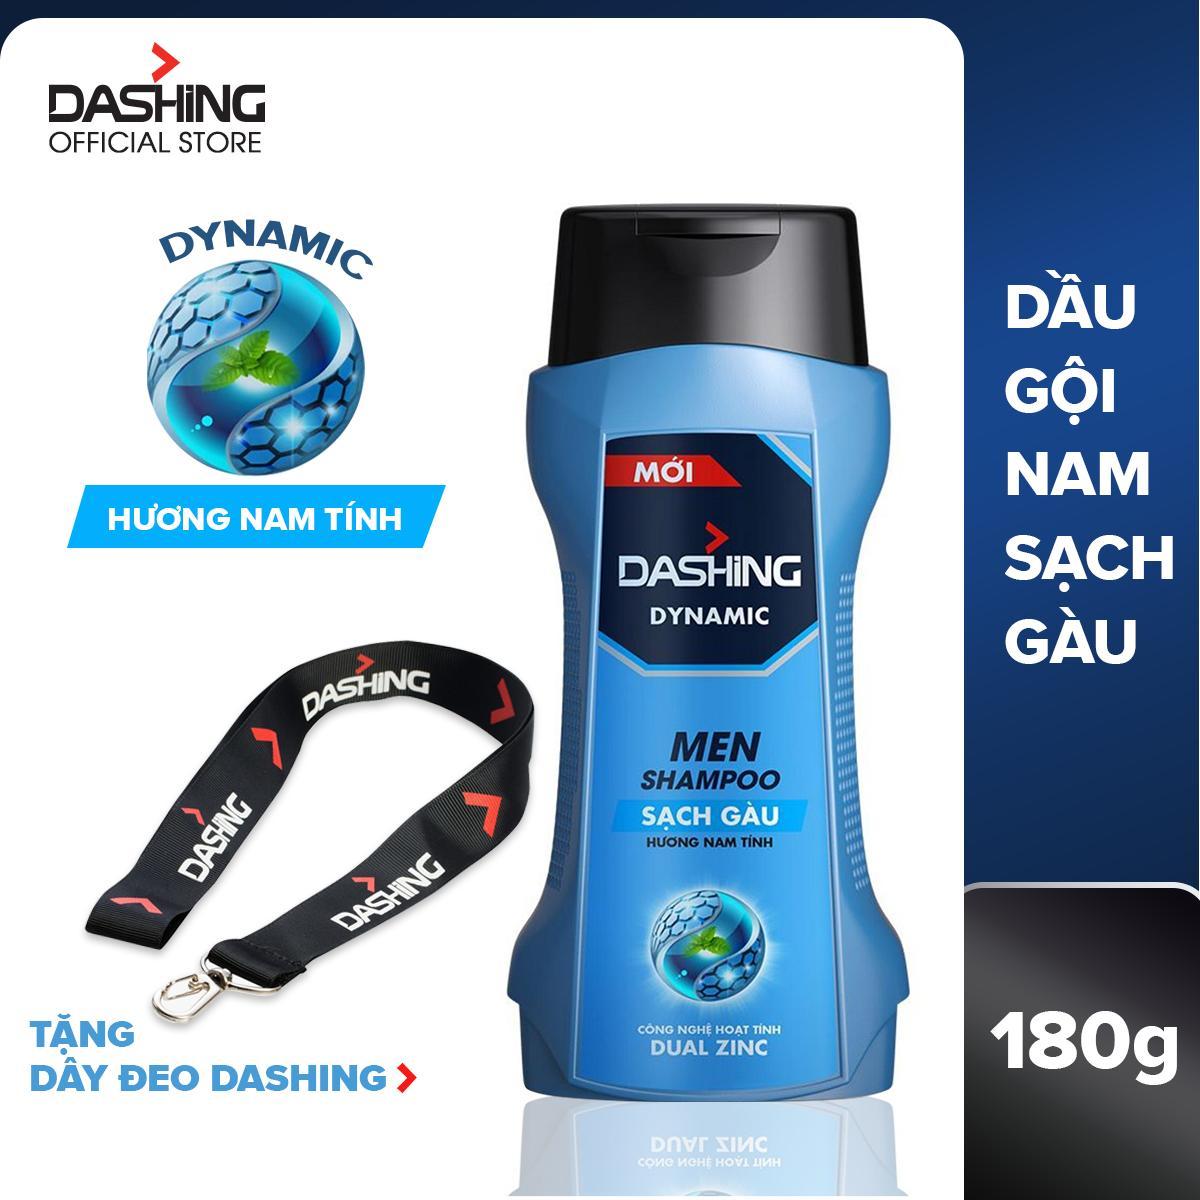 Dầu gội sạch gàu dành cho nam giới Dashing Dynamic Men Shampoo 180g - Tặng dây đeo